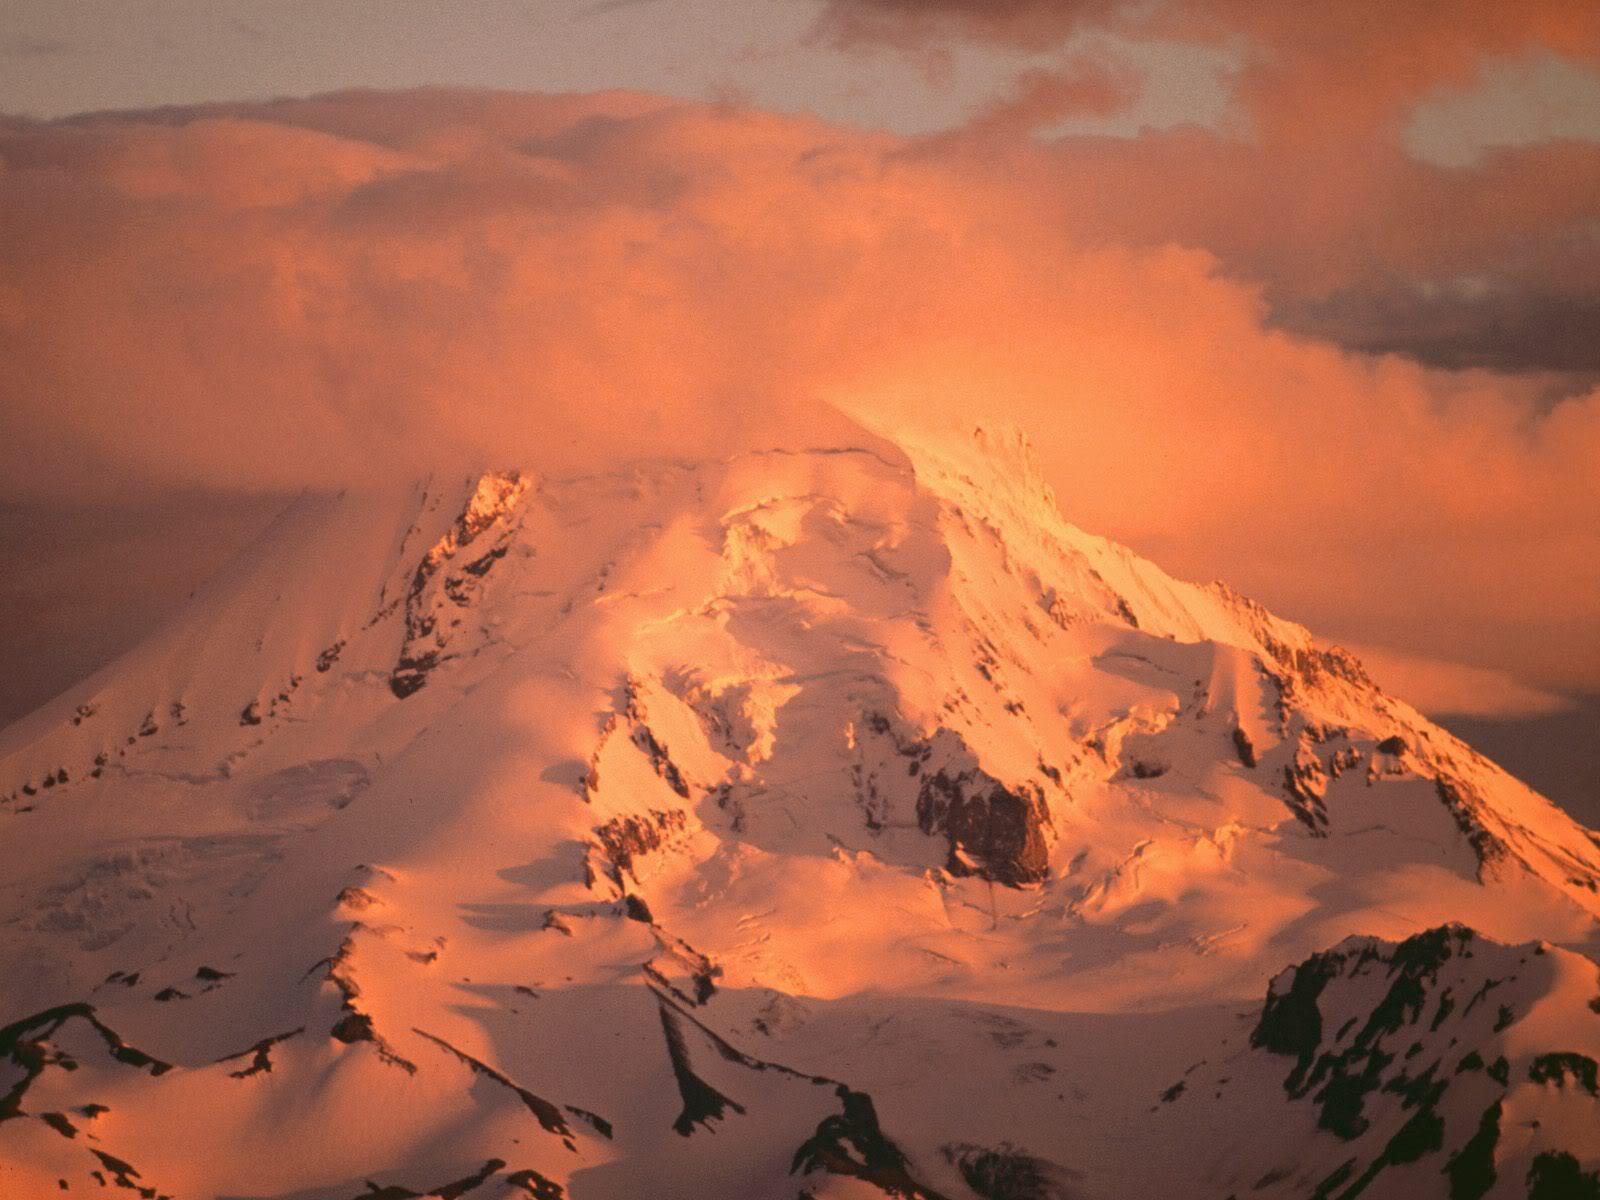 அழகு மலைகளின் காட்சிகள் சில.....02 - Page 22 MountHoodatSunsetOregon